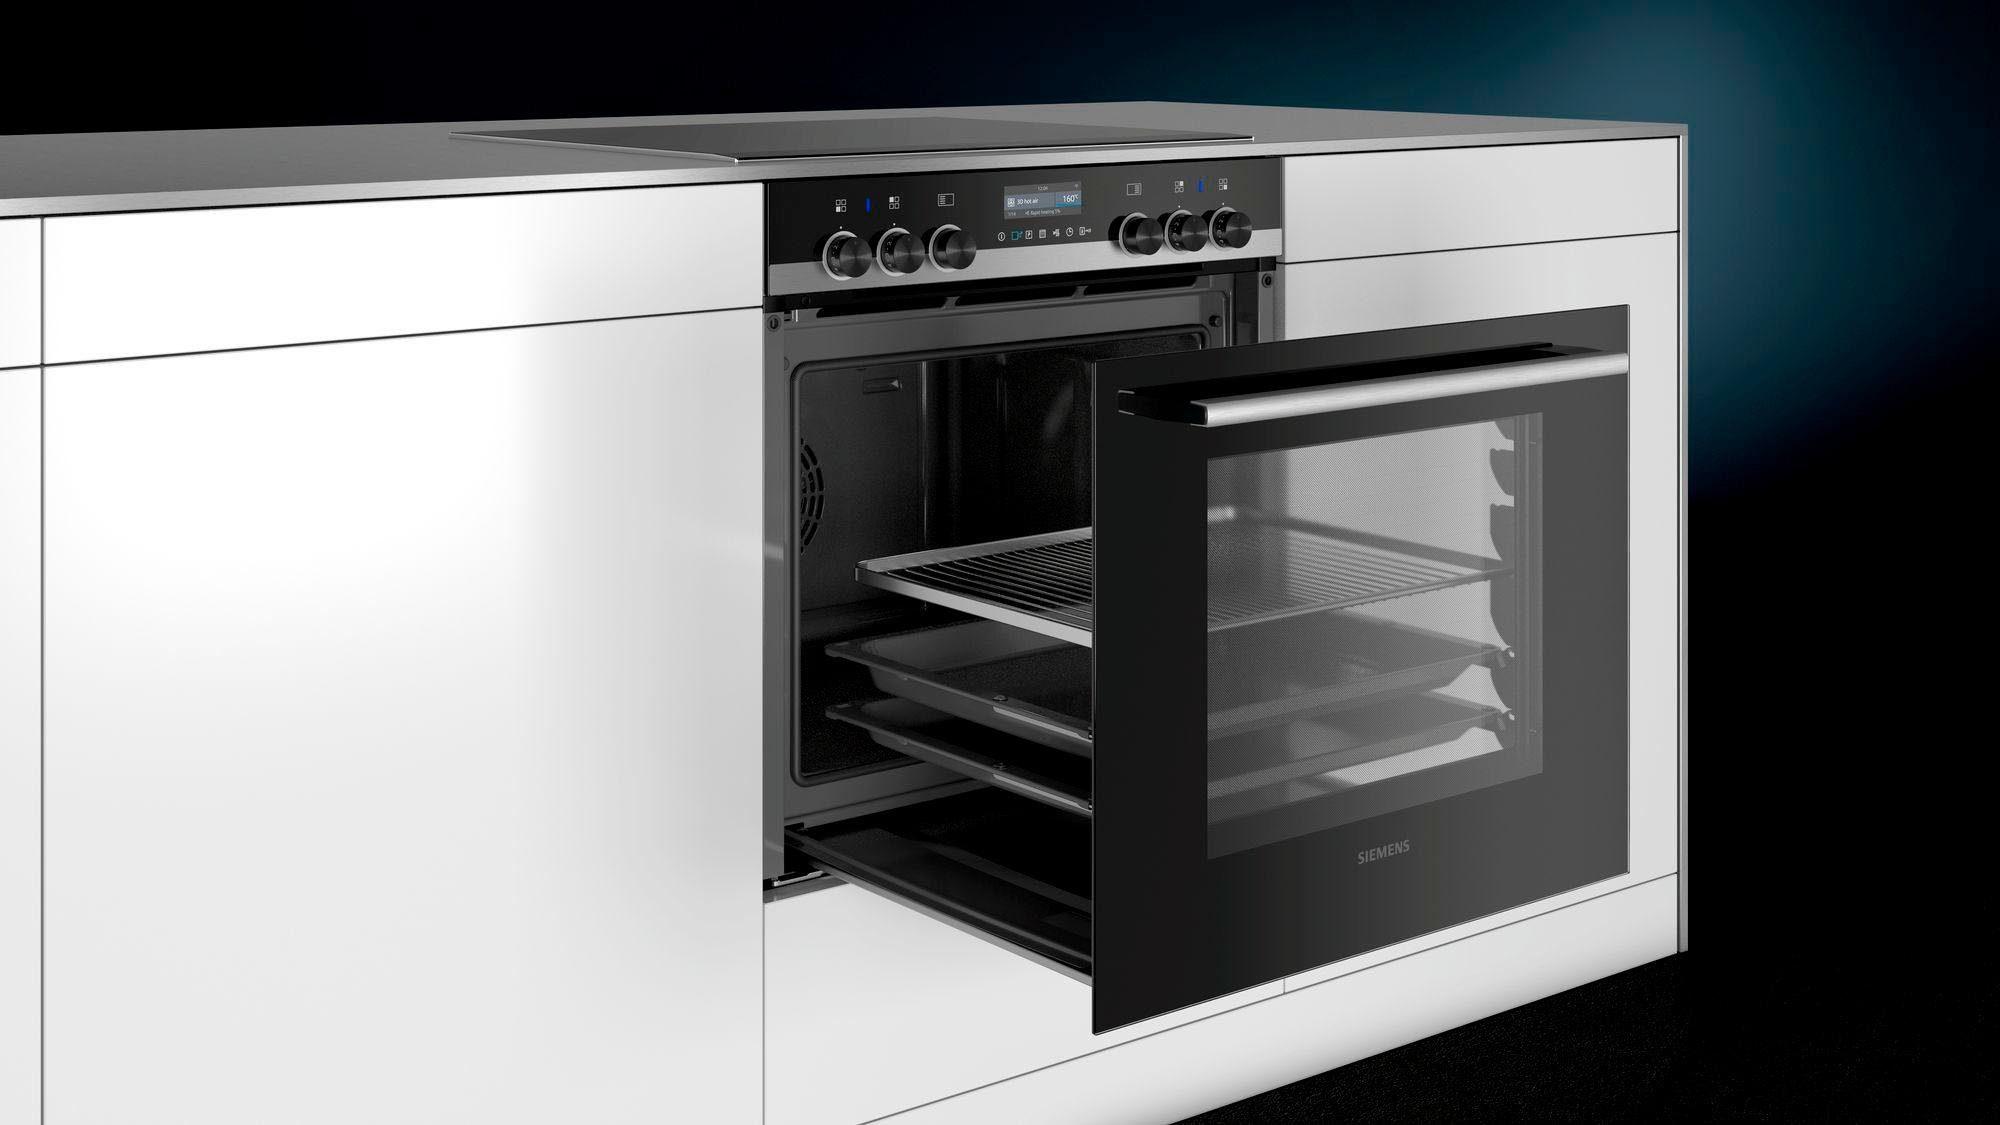 Smeg Kühlschrank Otto : Wunderbare bilder zu u esmeg kühlschranku c decorating kitchen